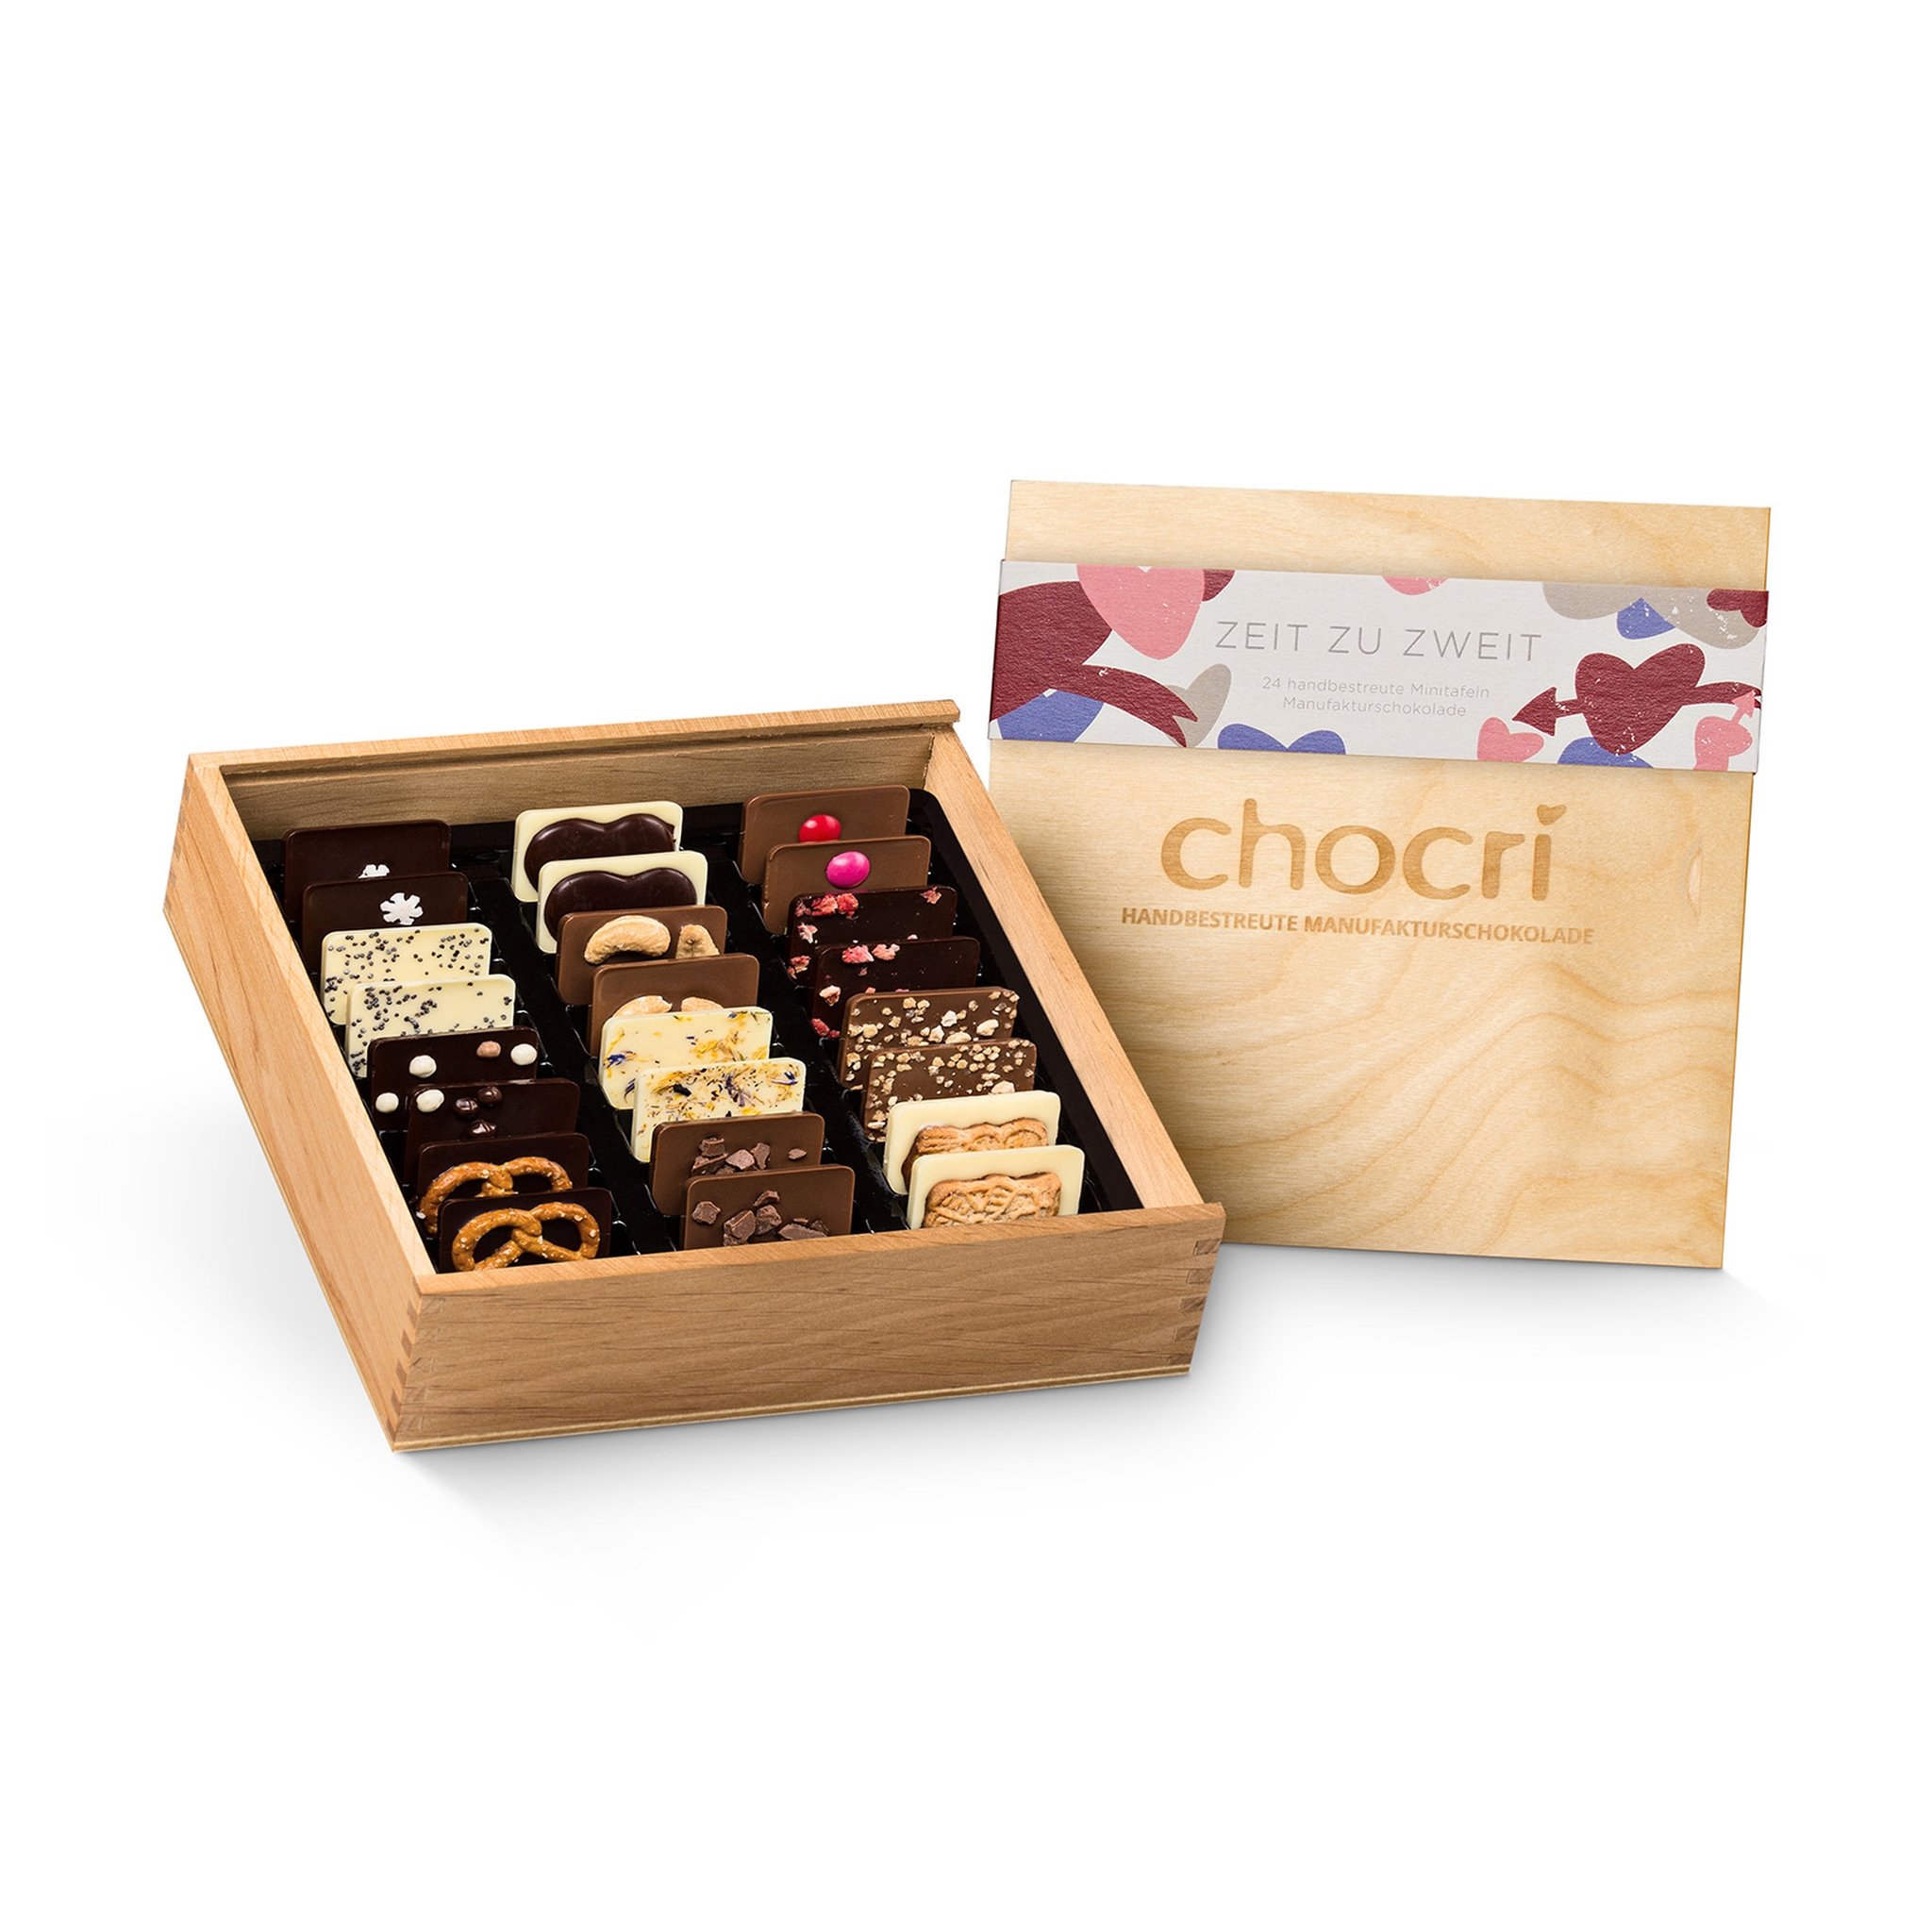 - chocri Weltreise® 'Zeit zu zweit' in edler Holz Box - Onlineshop Chocri